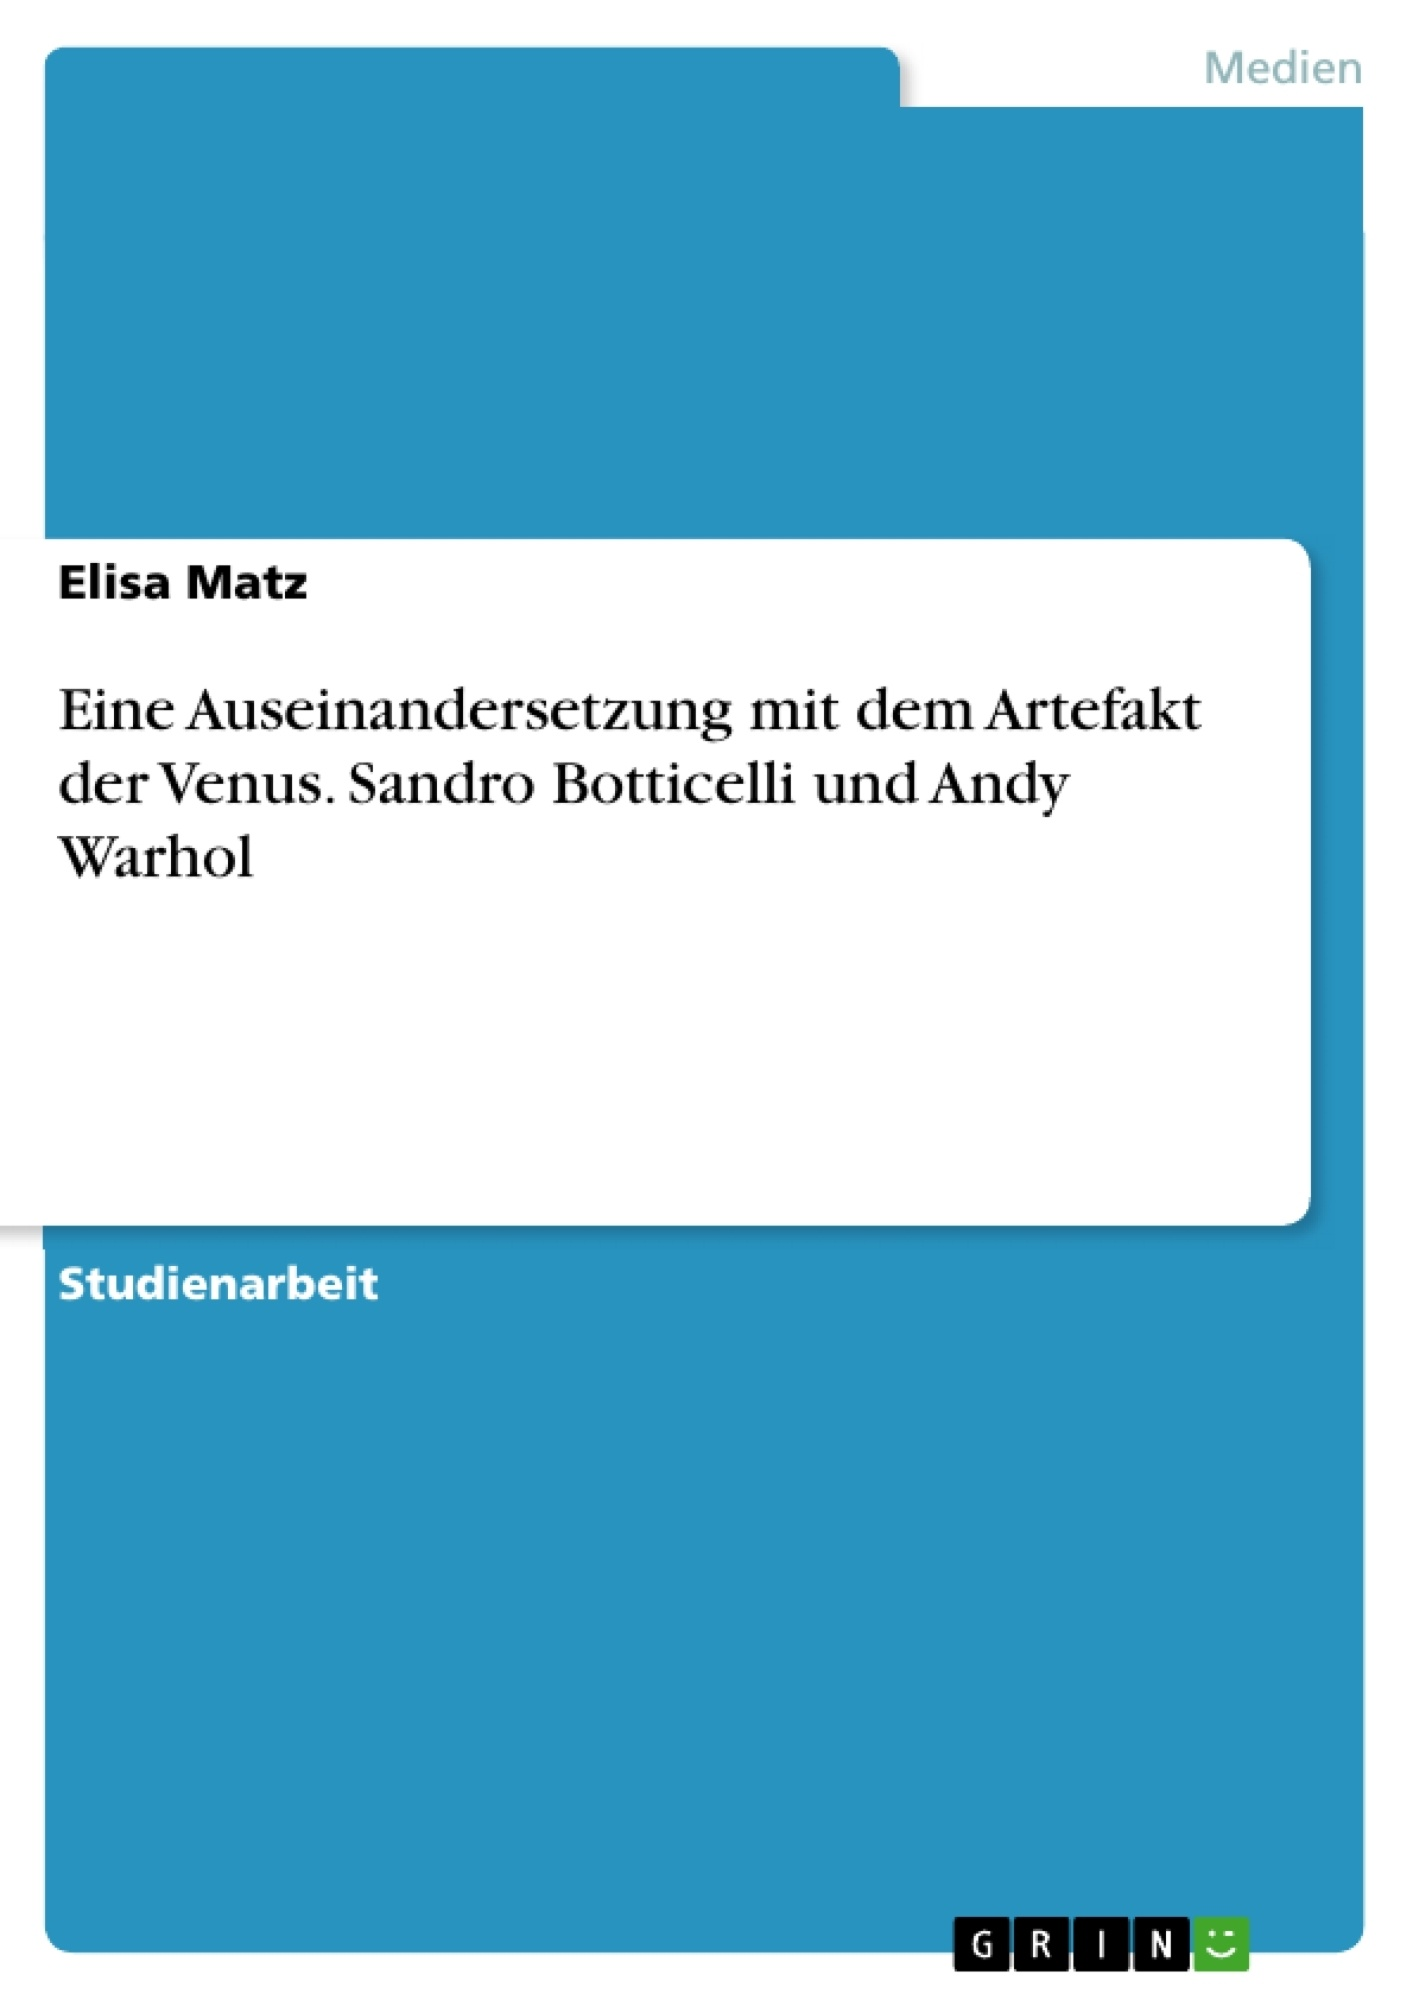 Titel: Eine Auseinandersetzung mit dem Artefakt der Venus. Sandro Botticelli und Andy Warhol